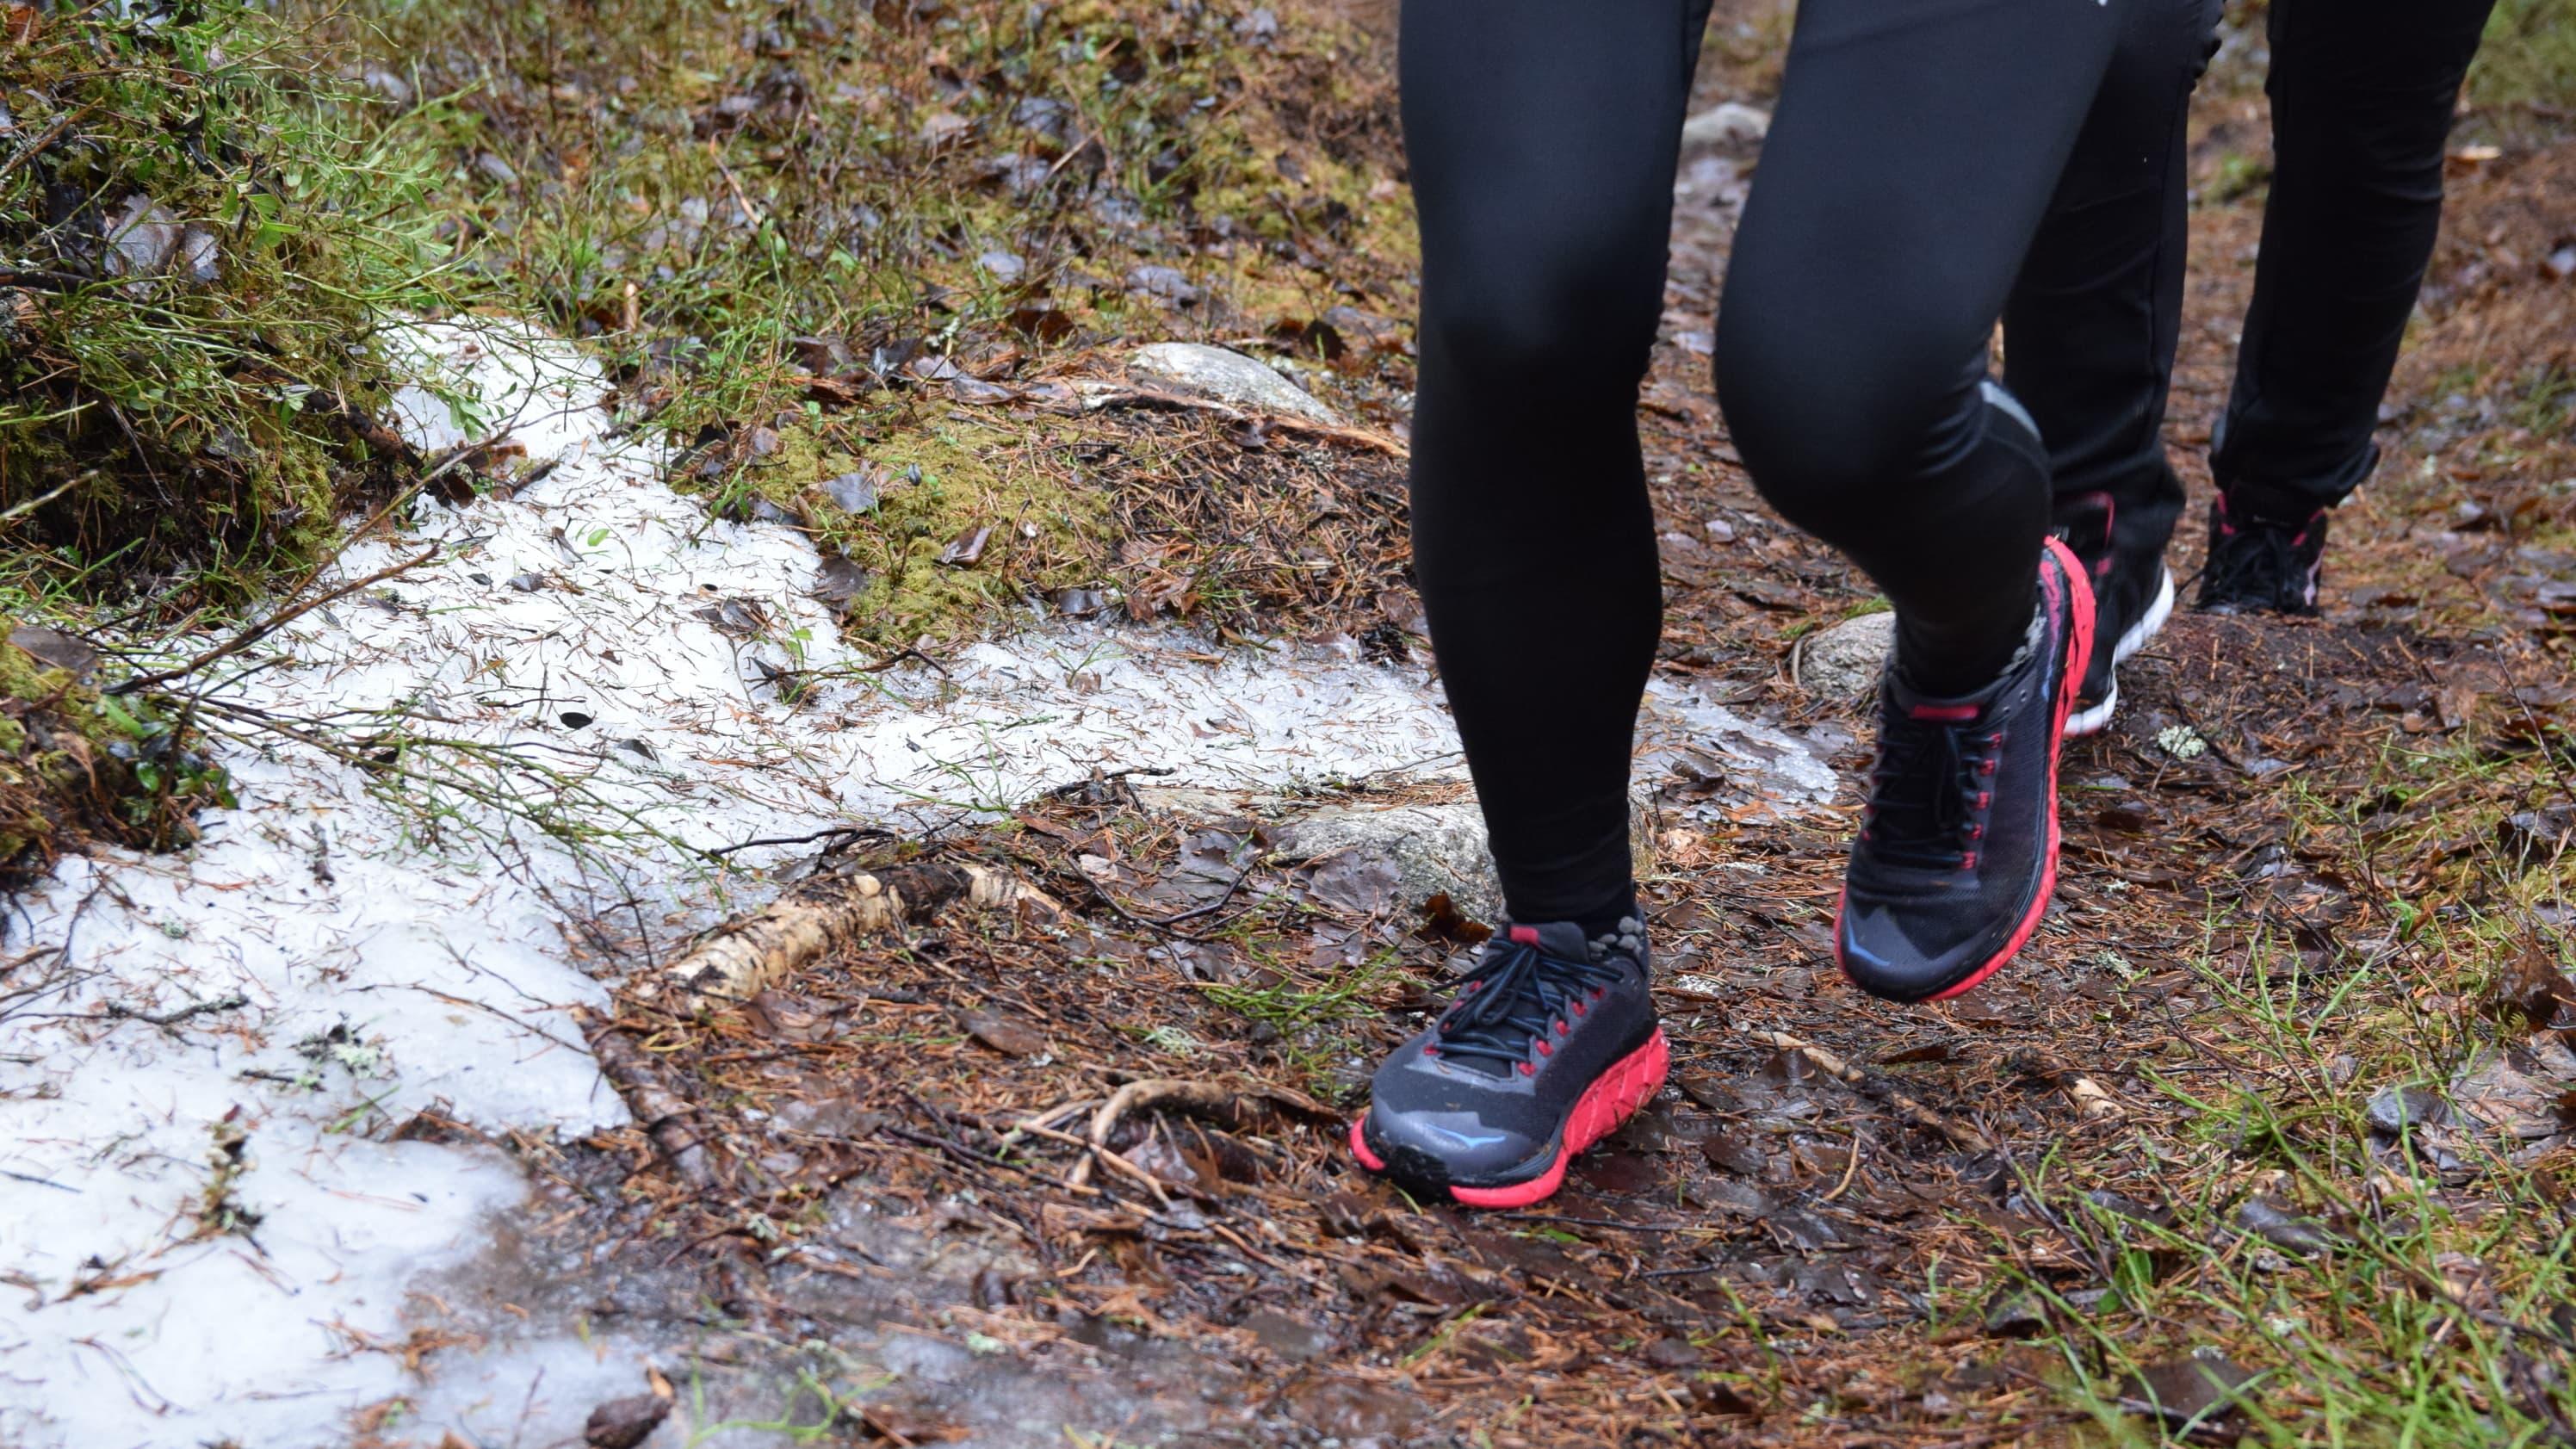 Närbild av fötter med gymnastikskor som pringer på en skogsstig med lite snö på.